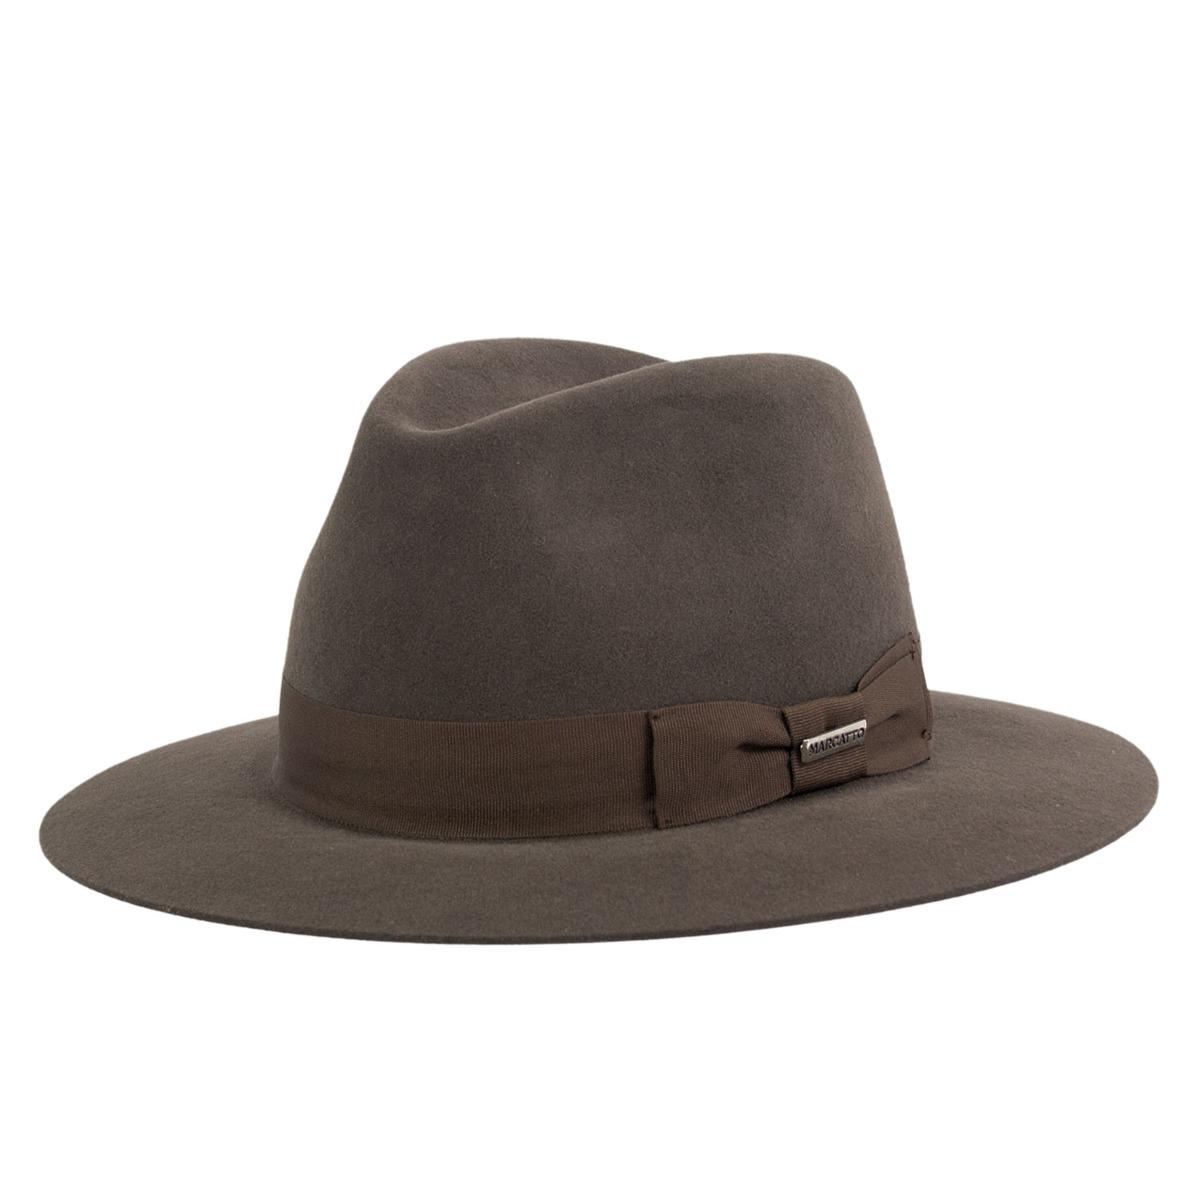 71d0823e342d0 chapéu pêlo de lebre masculino excelente acabamento lindíssi. Carregando  zoom.